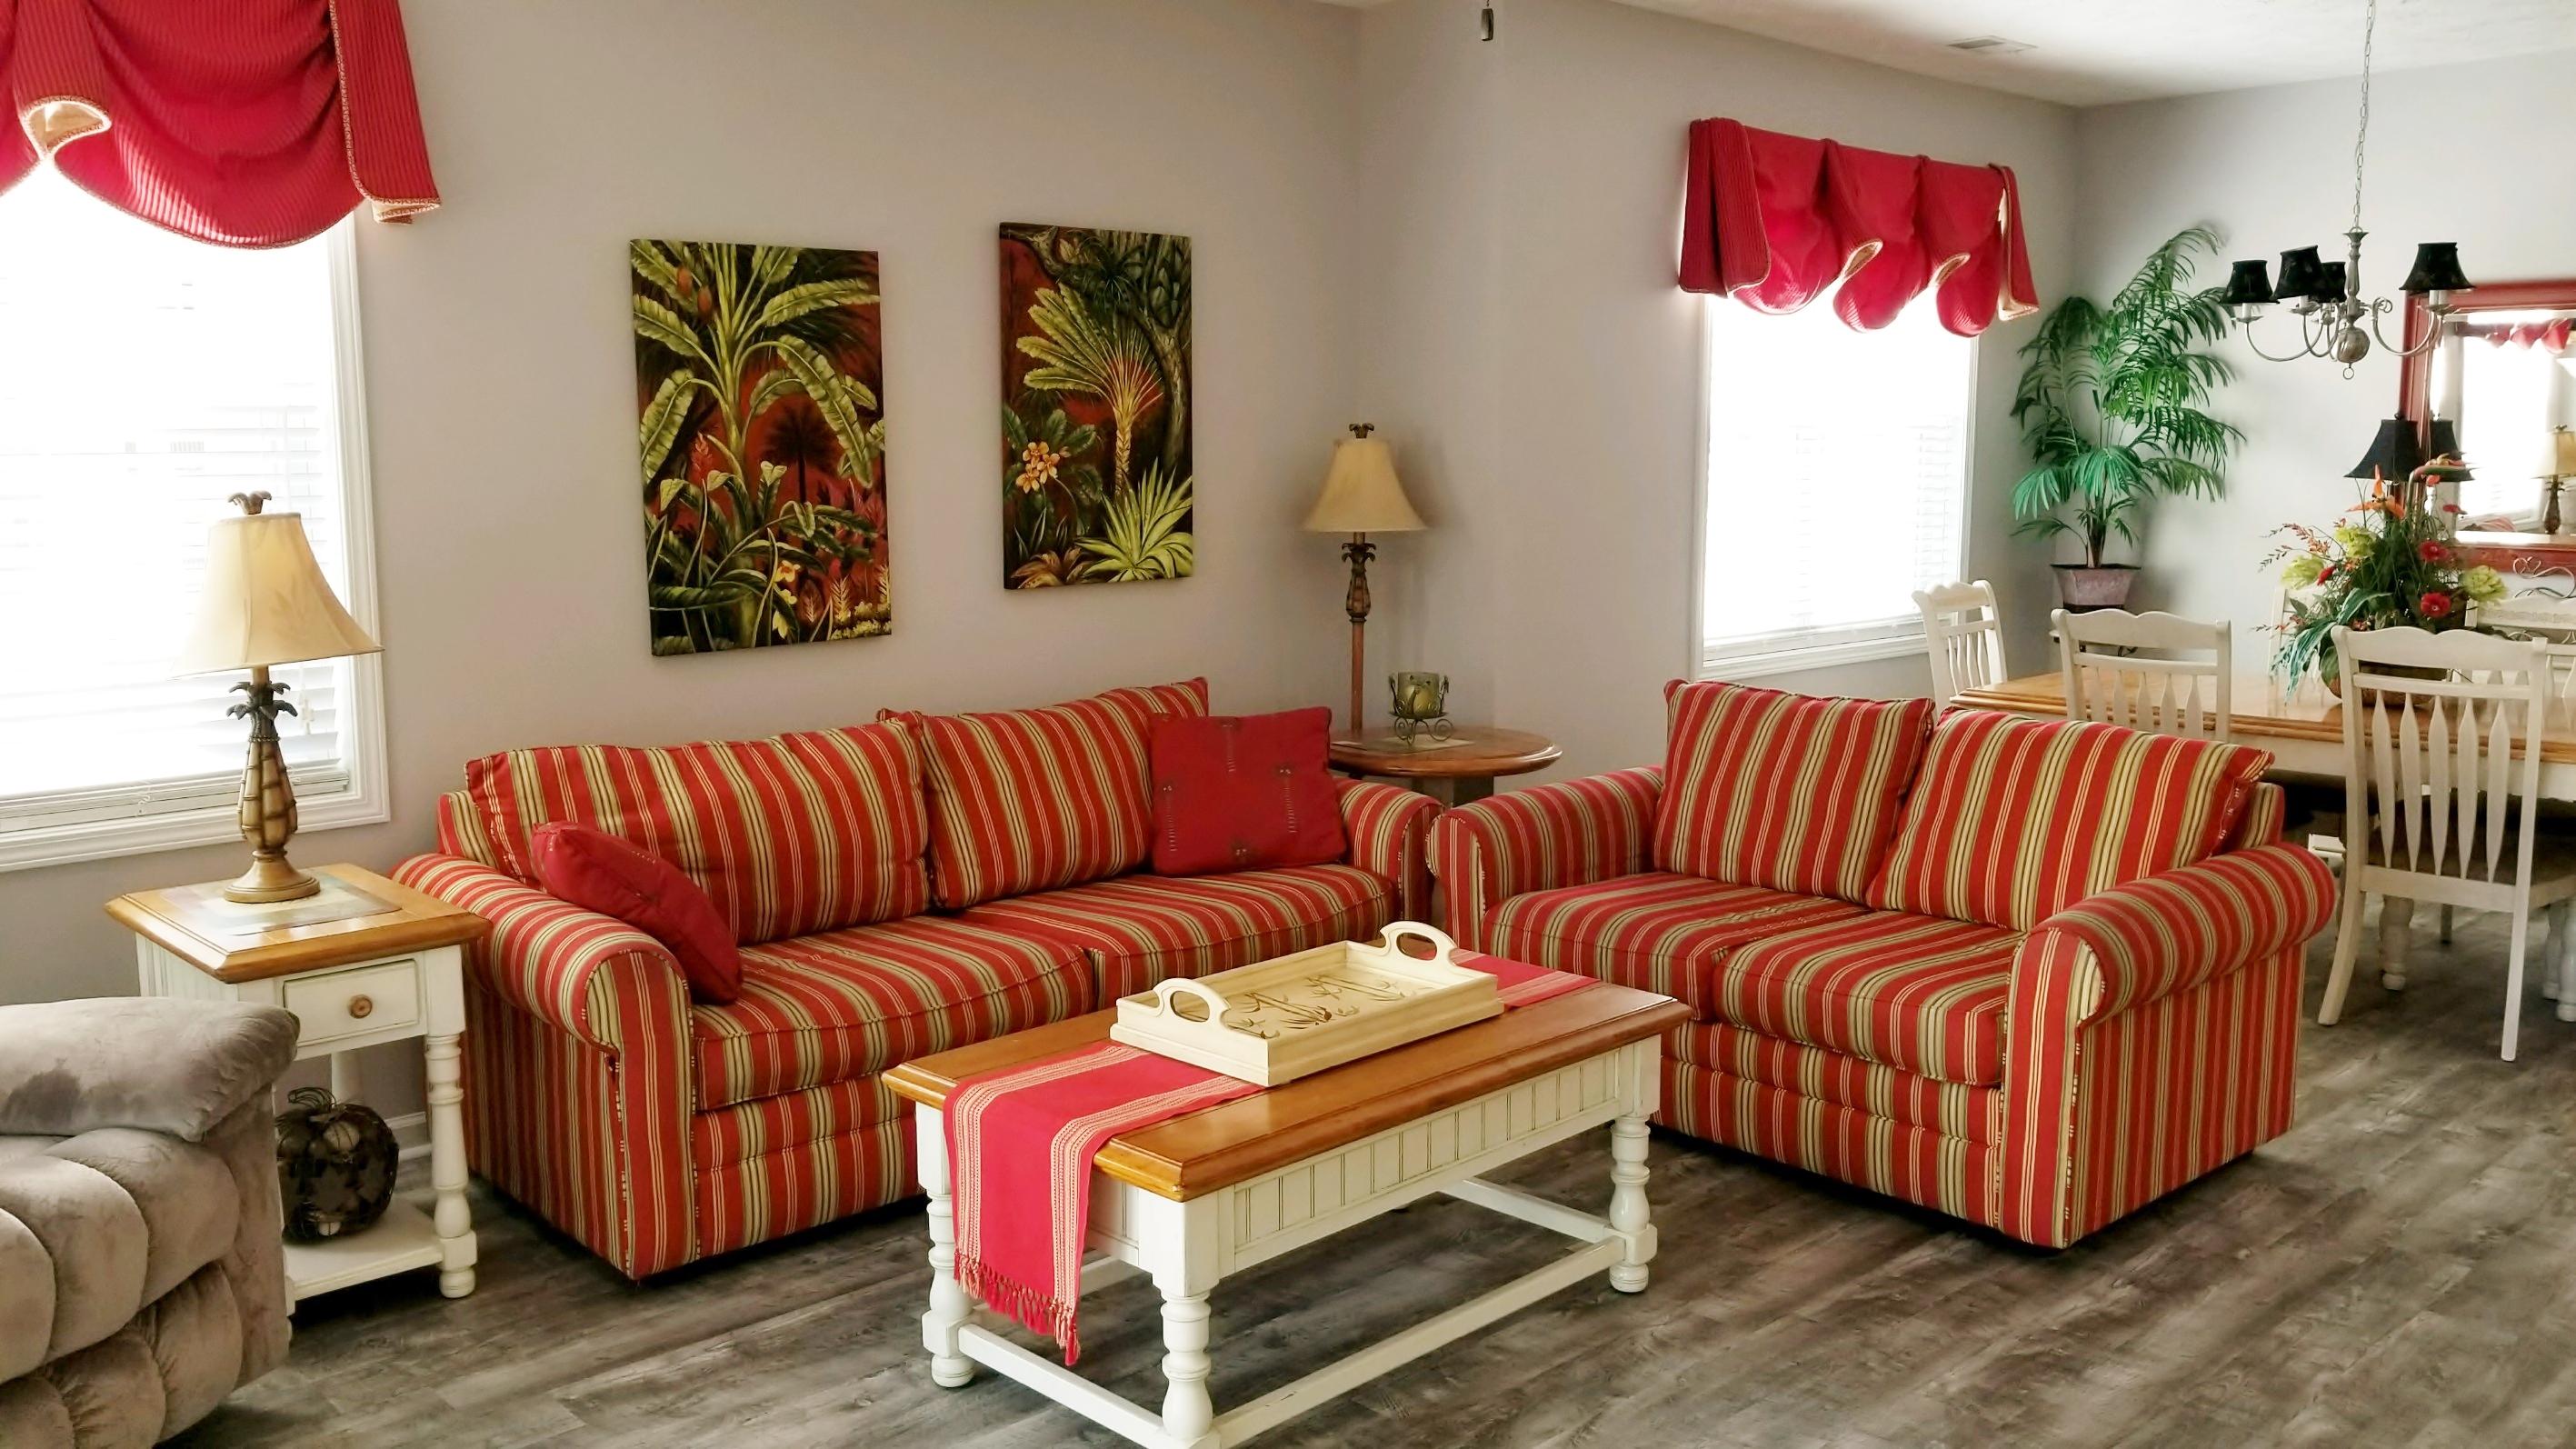 Ocean Keyes 2836 - Vacation Rental in North Myrtle Beach,SC | Keye ...